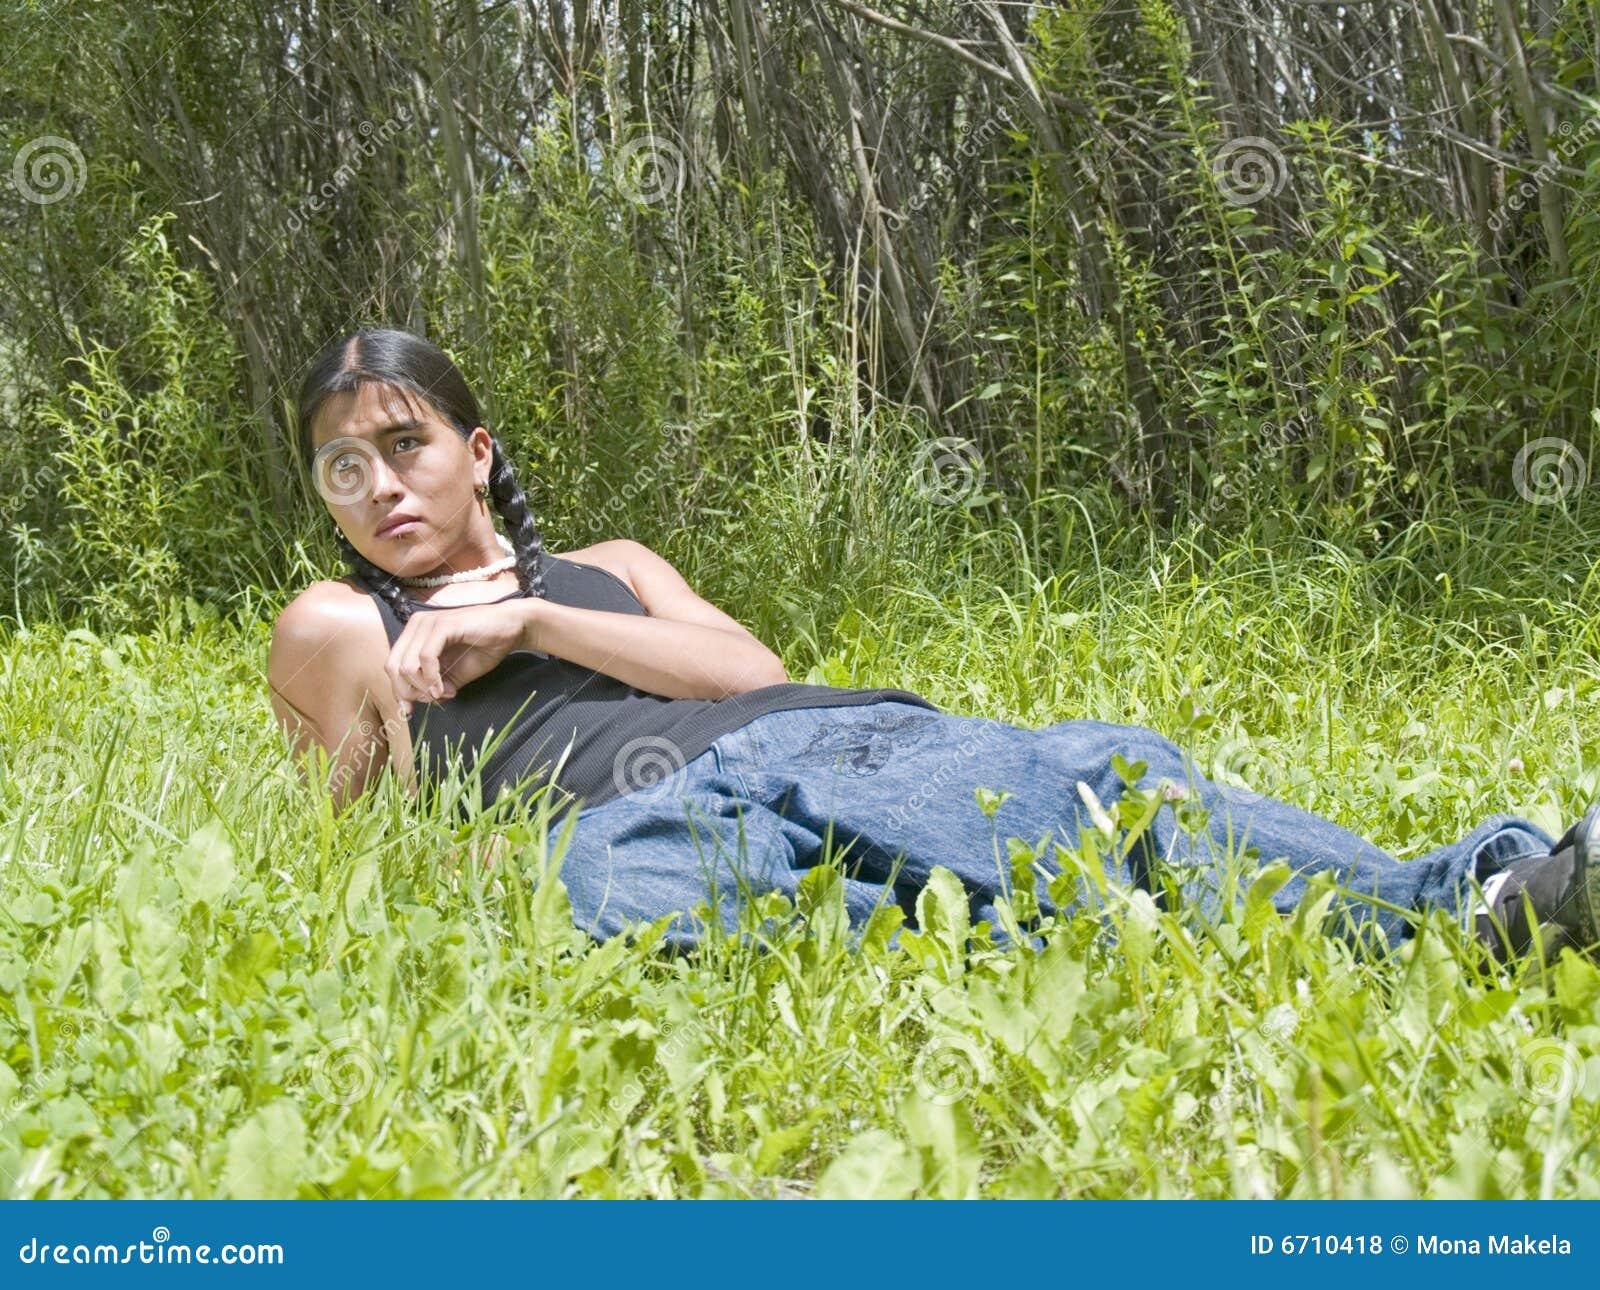 girls latina naked outside